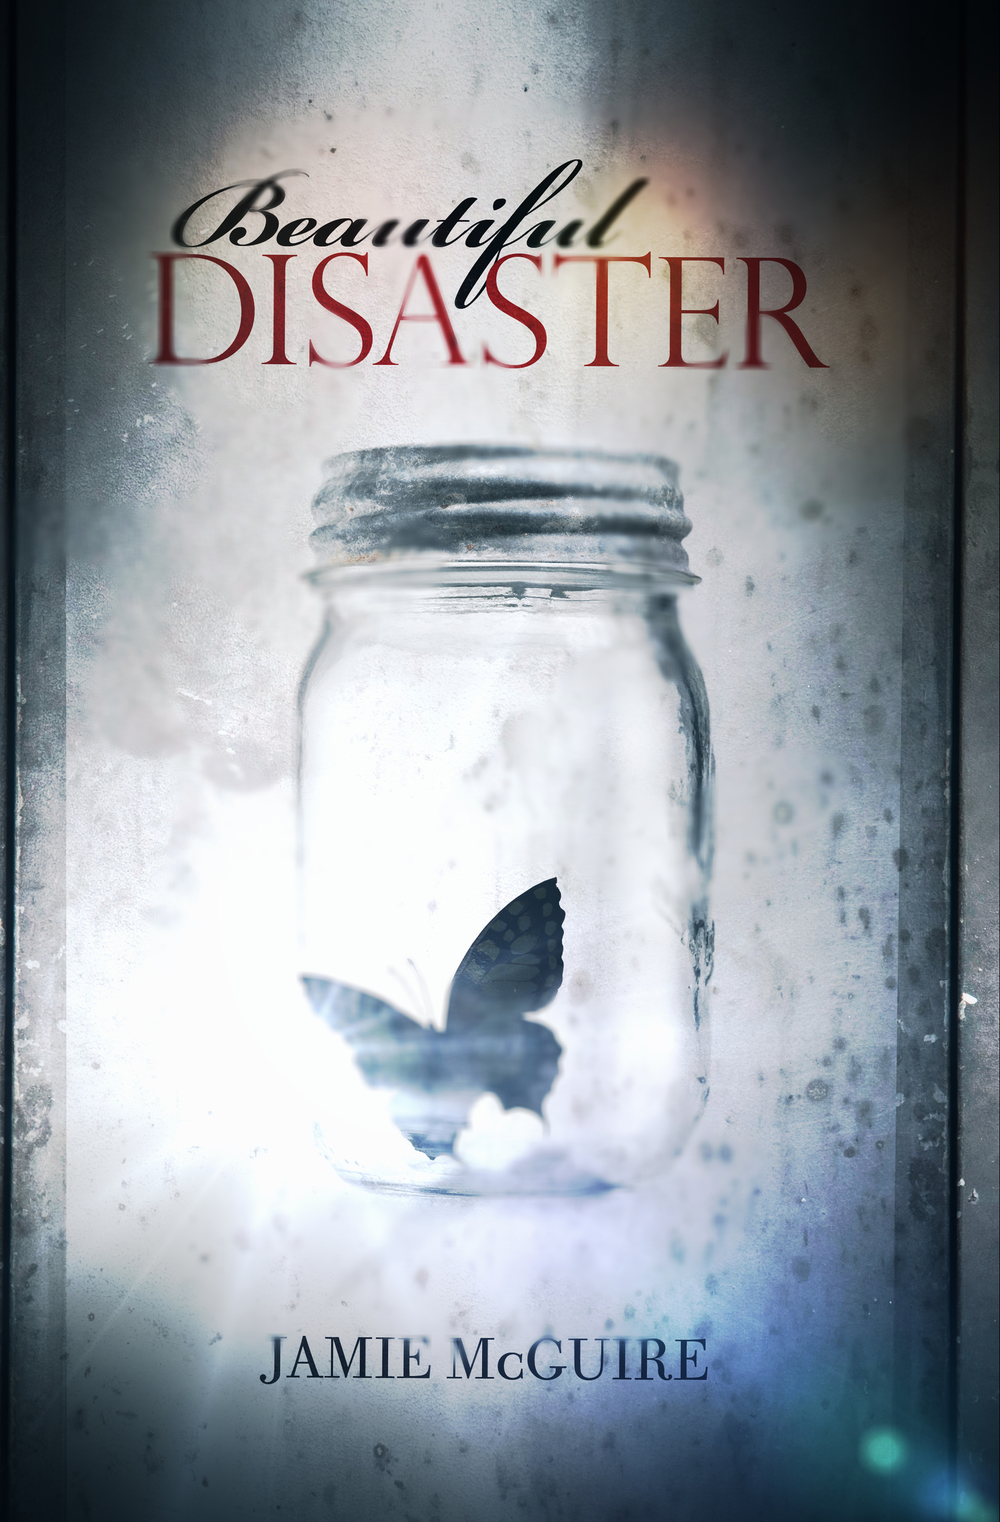 Beautiful-Disaster-Cover-2.jpg